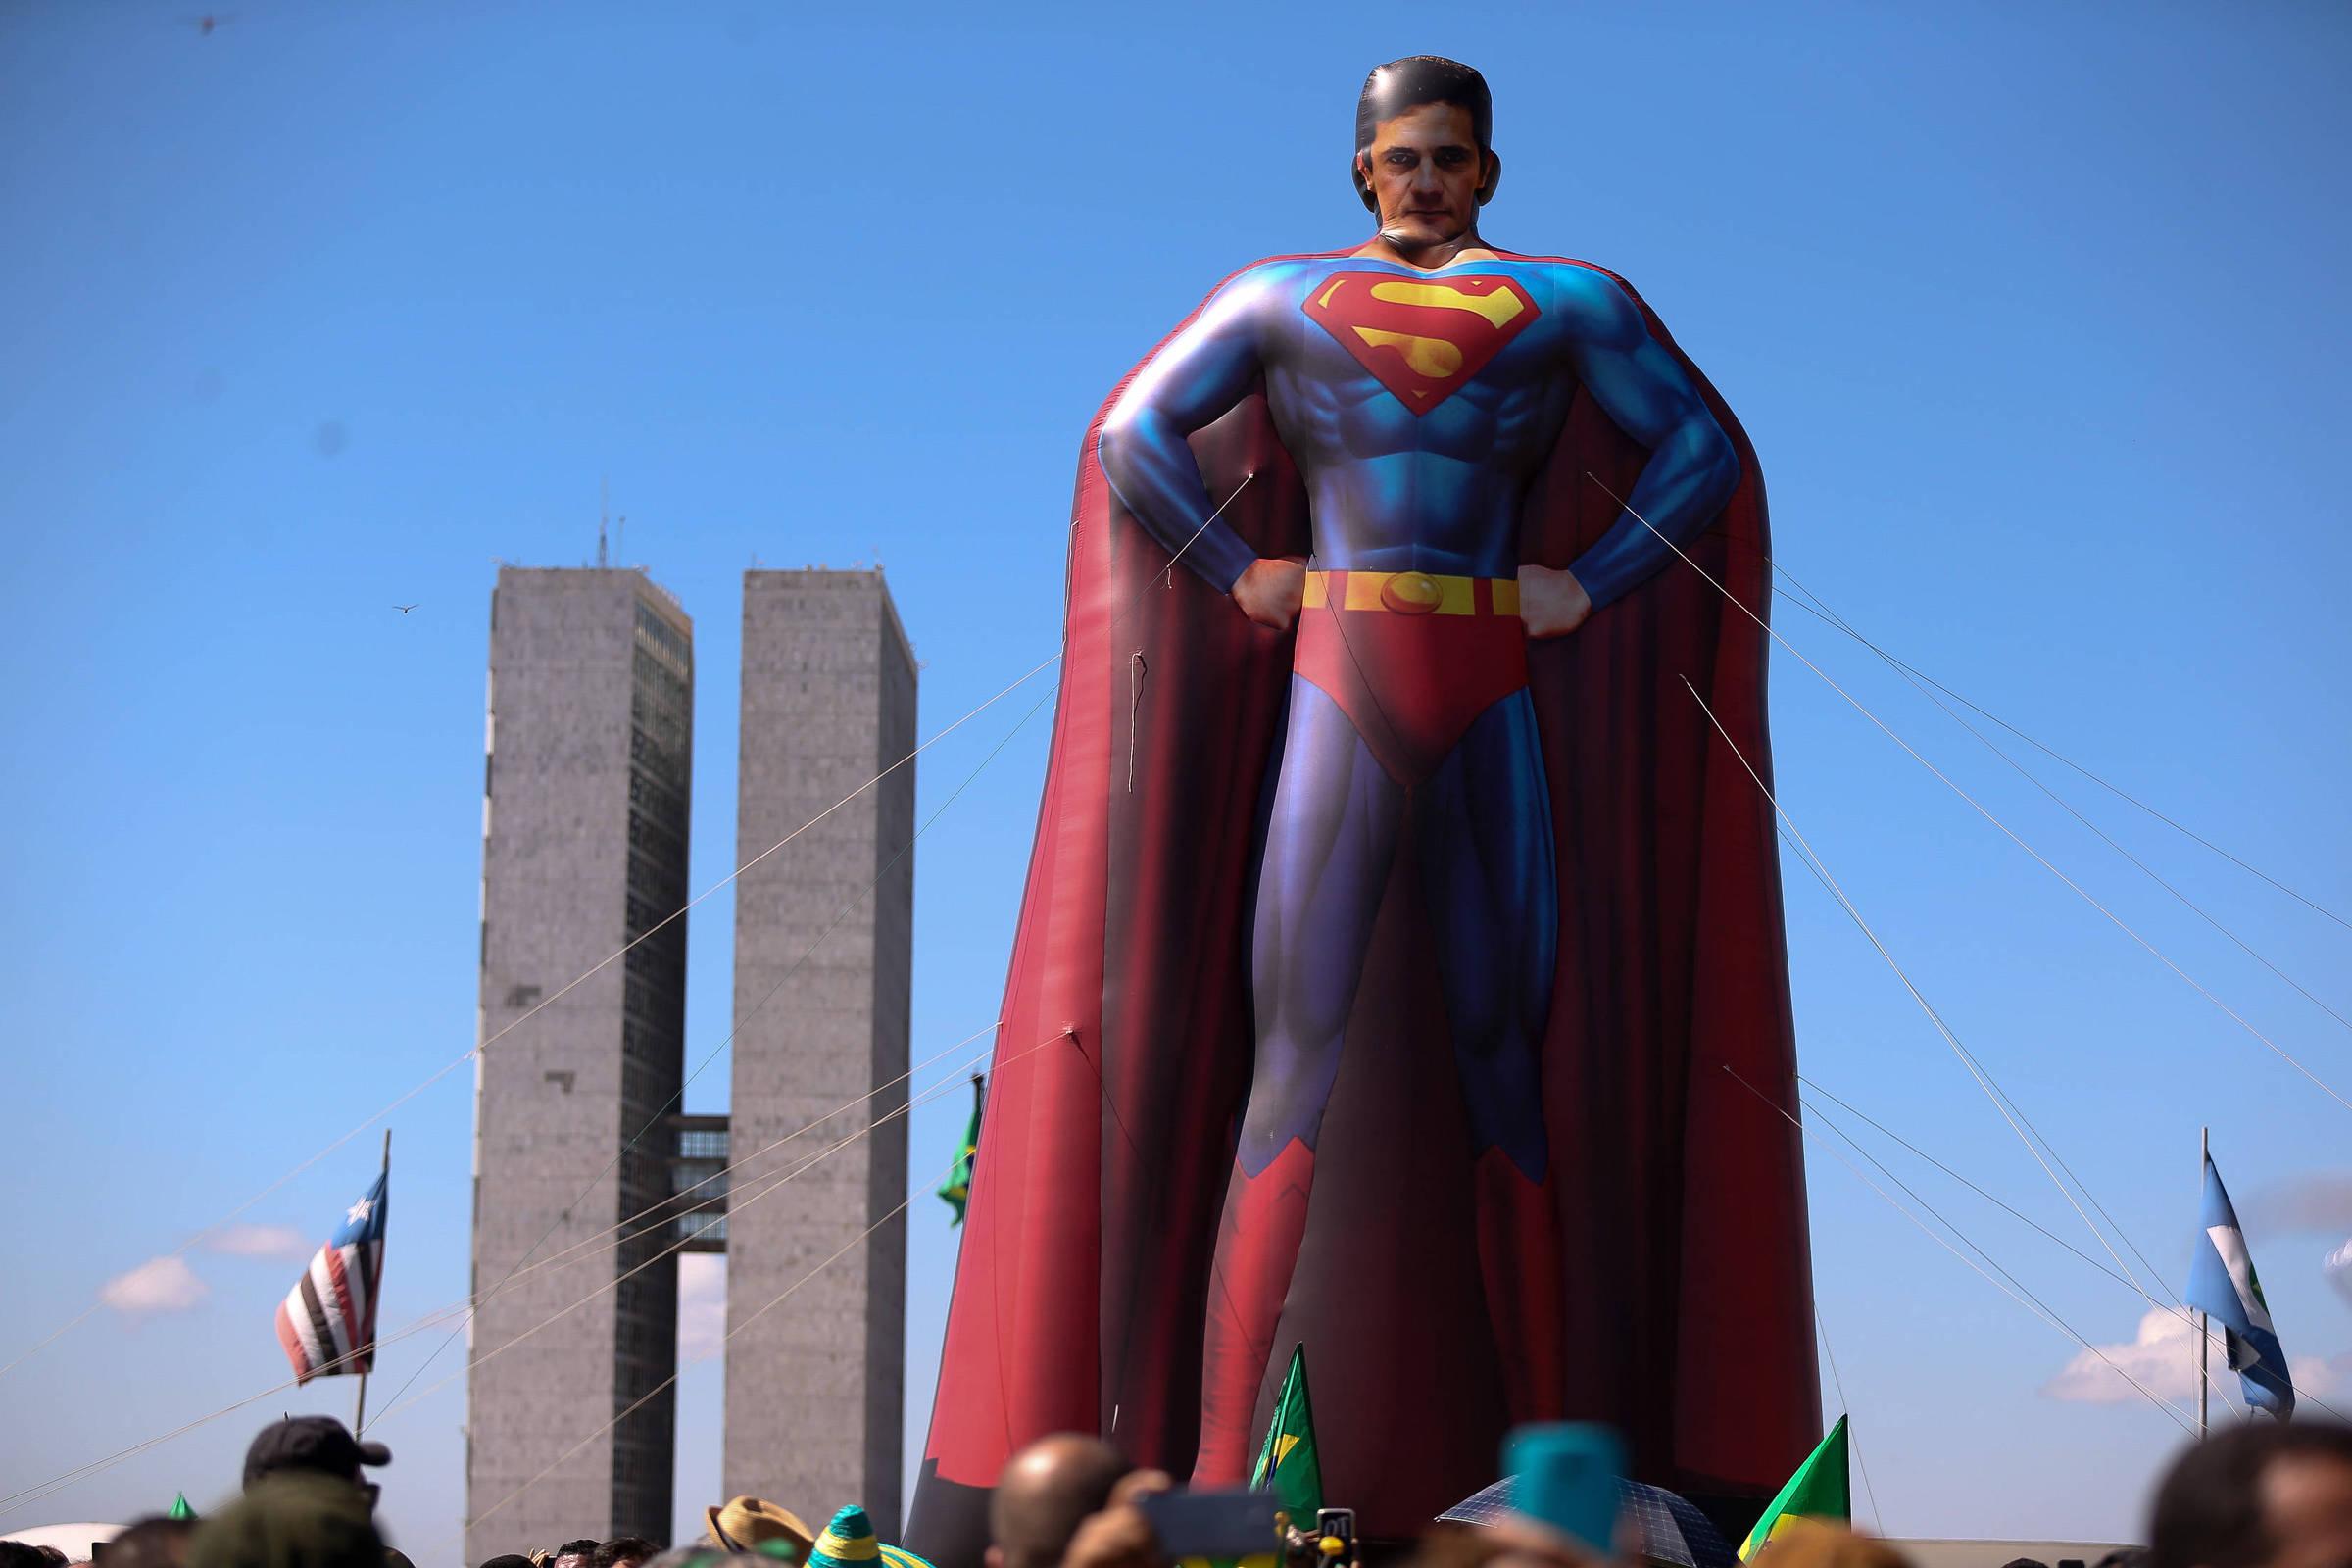 Os apuros do Super-Homem - 15/06/2019 - Alvaro Costa e Silva - Folha